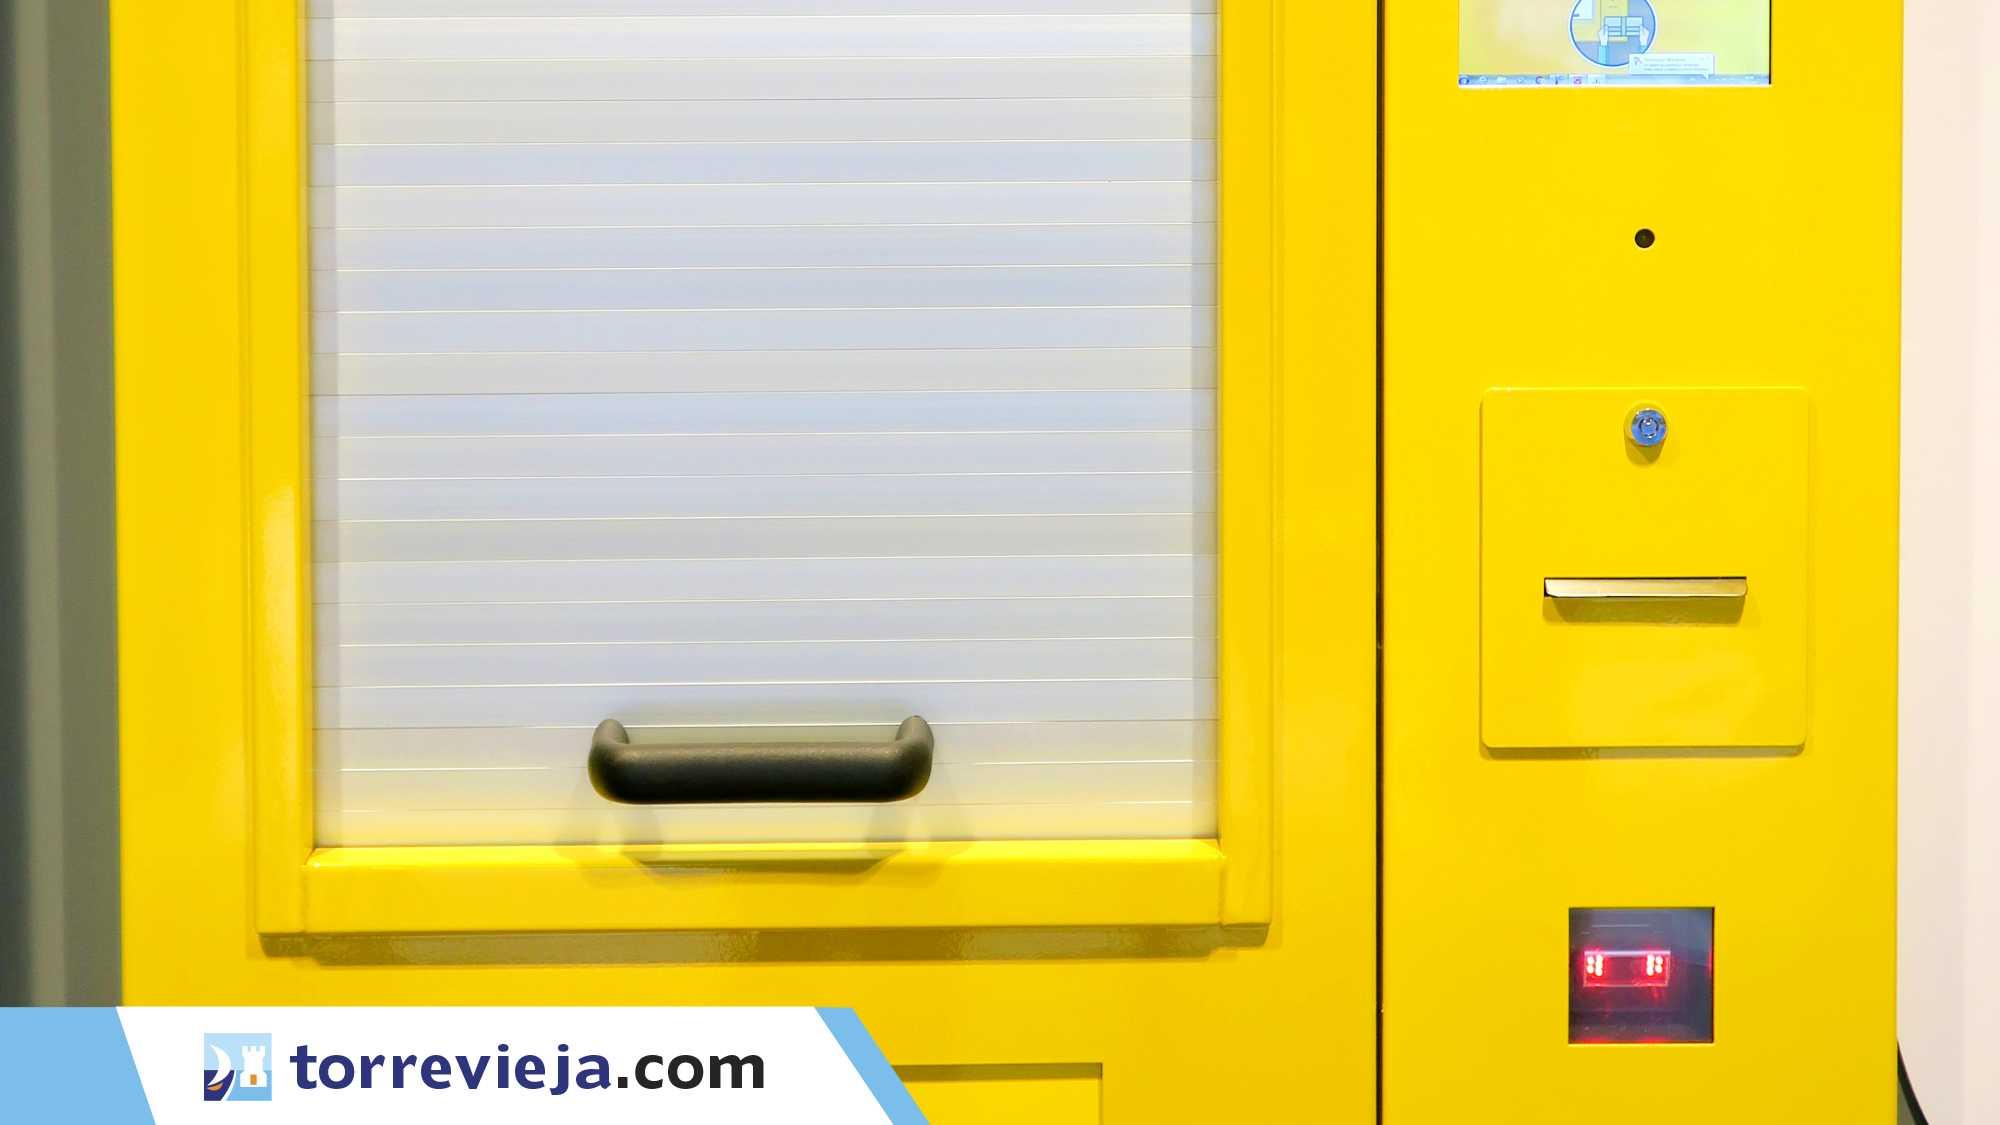 enviar paquete correos Torrevieja